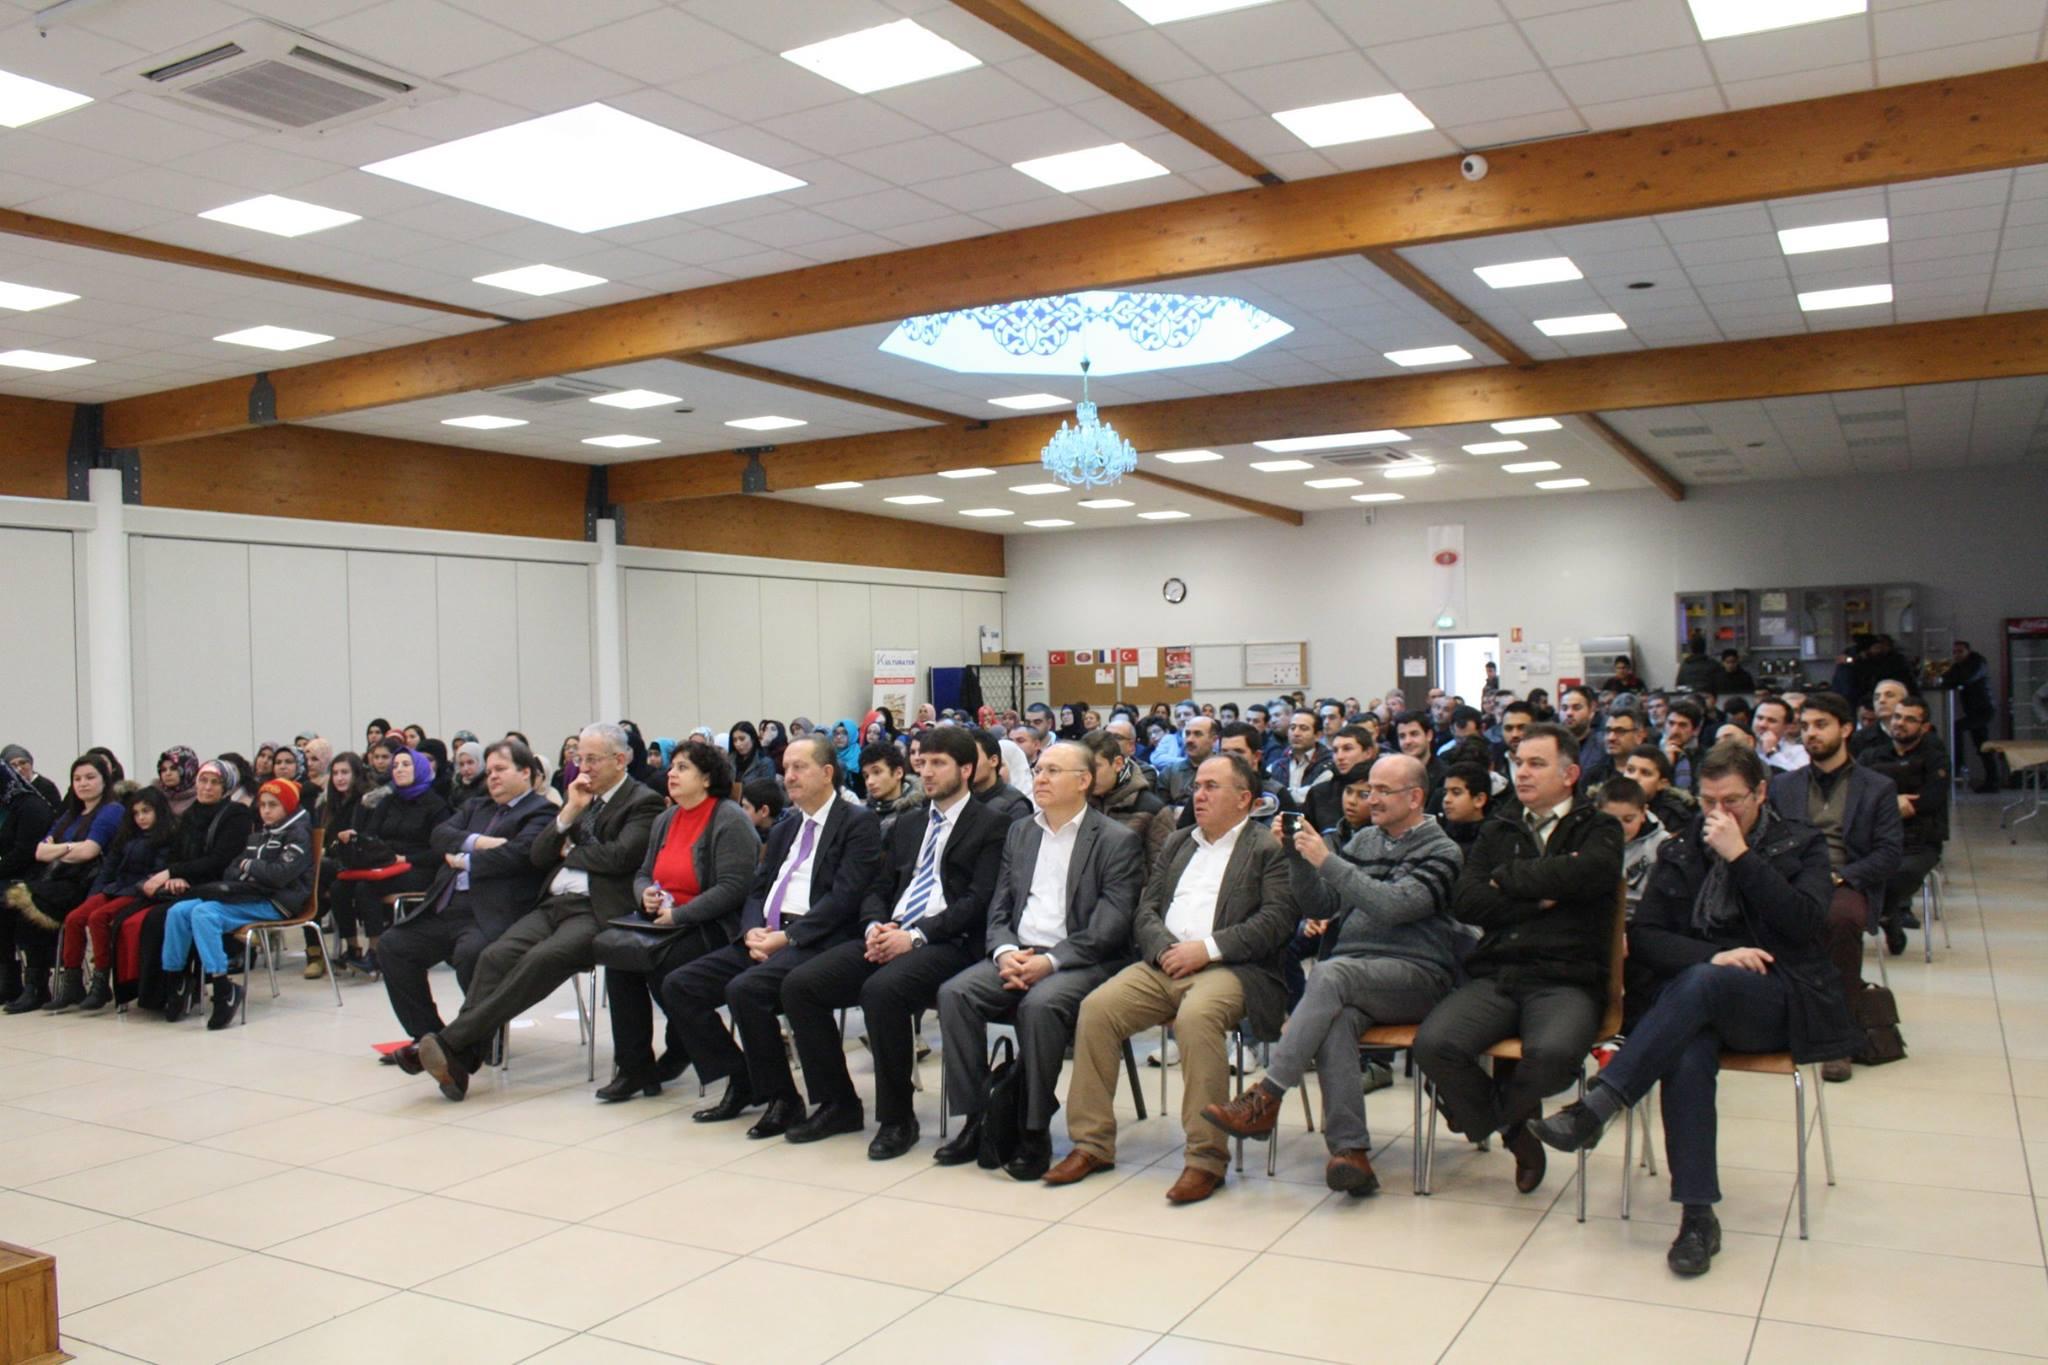 """15 01 2015 """"Göç ve Eğitim"""" konulu konferanstan görüntü."""